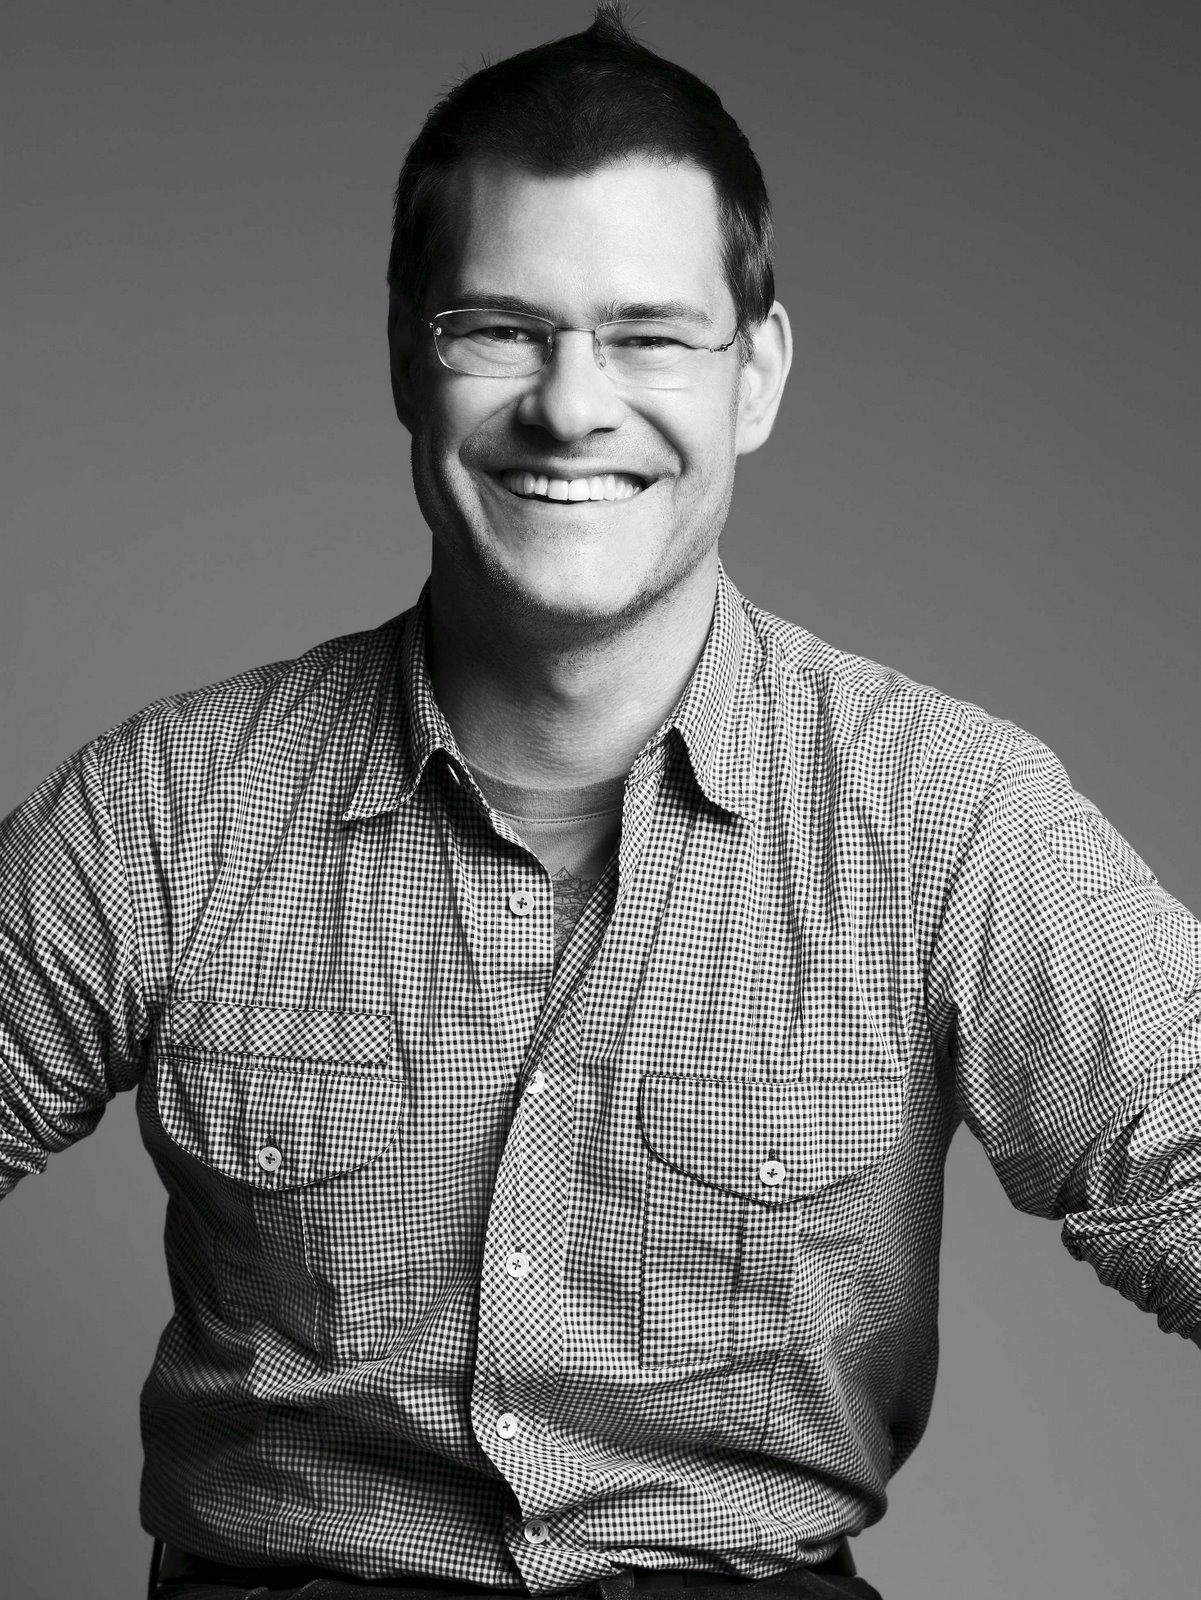 The Aafa American Image Awards Honor John Bartlett Steve Madden